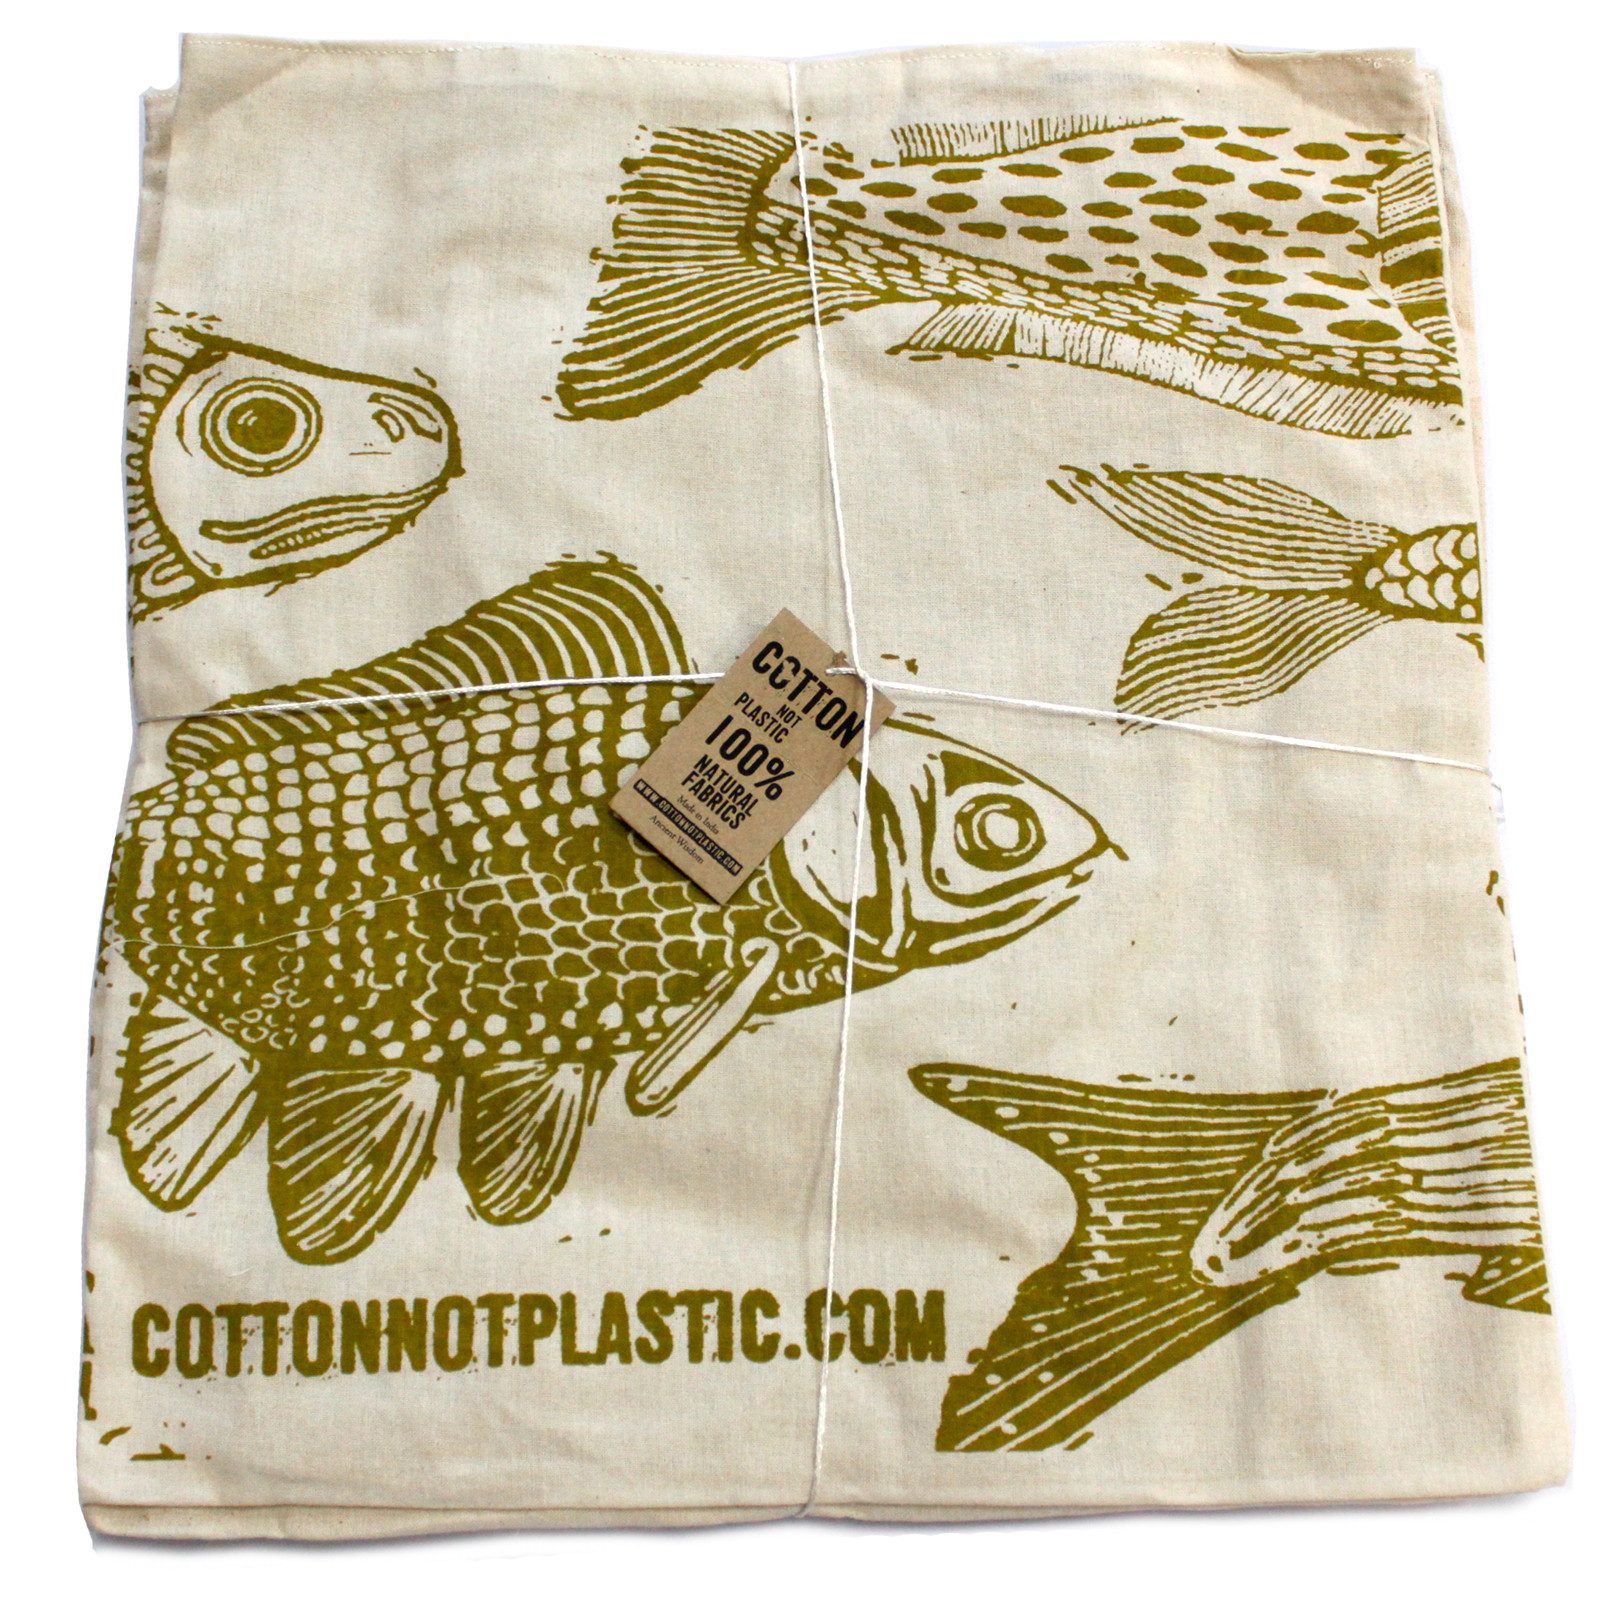 Lrg 2x4oz Reversable Cotton Bag 38x42cm 2 designs